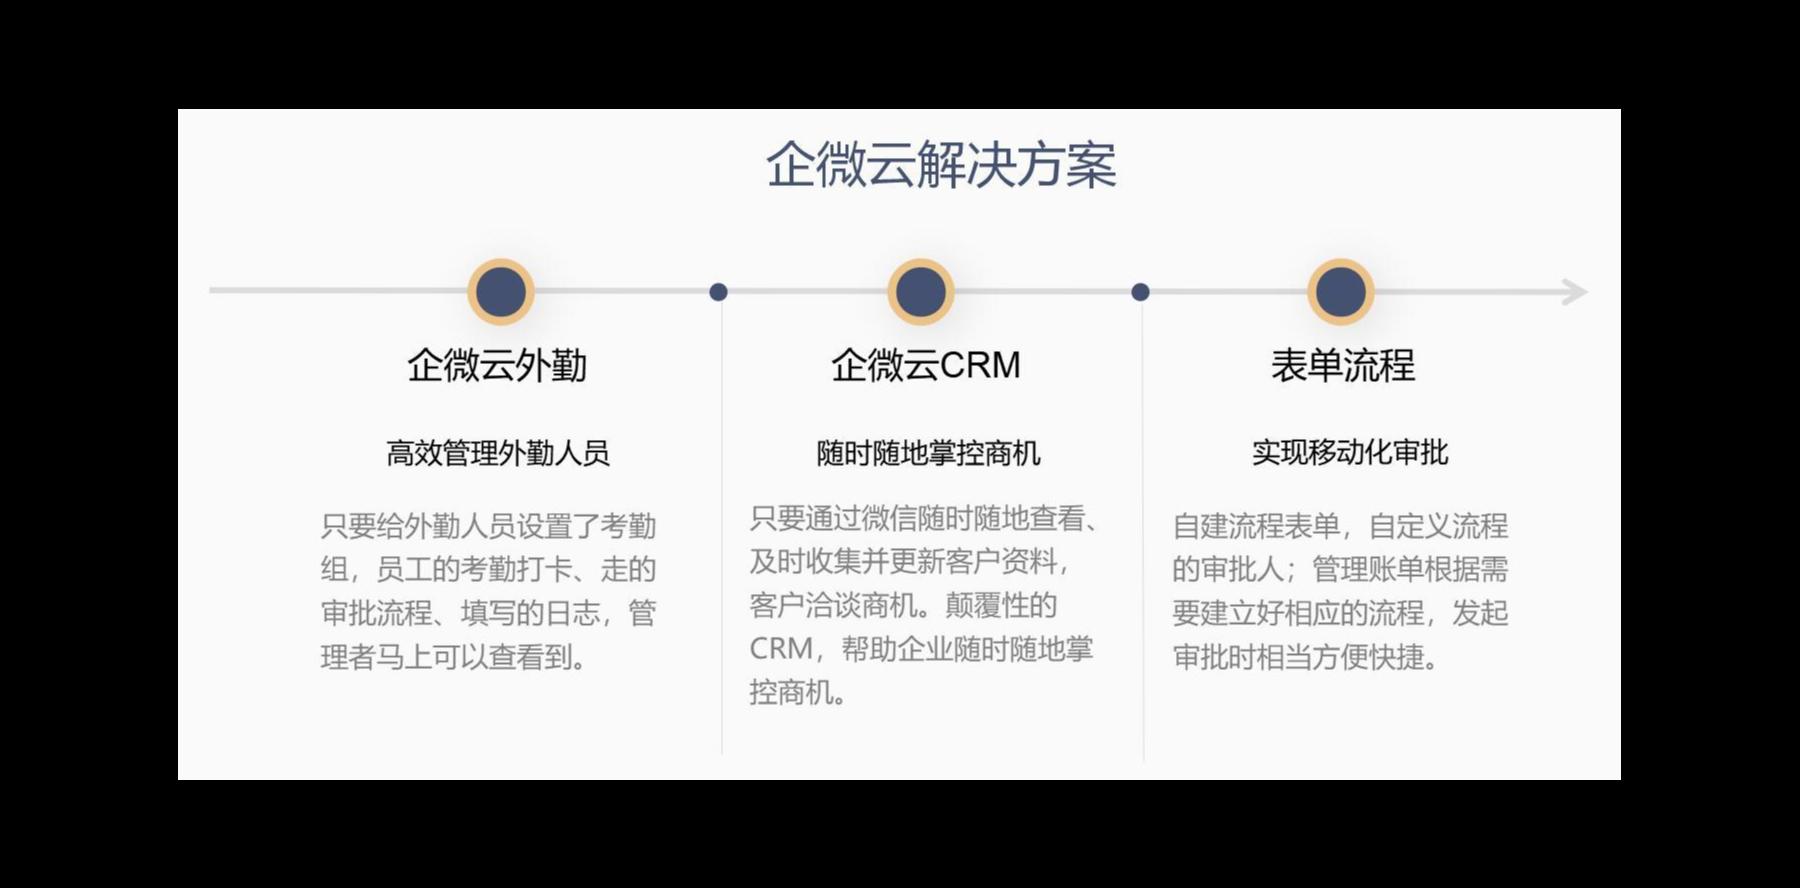 爱民药业X道一云 | 利用CRM管理7万多家终端客户